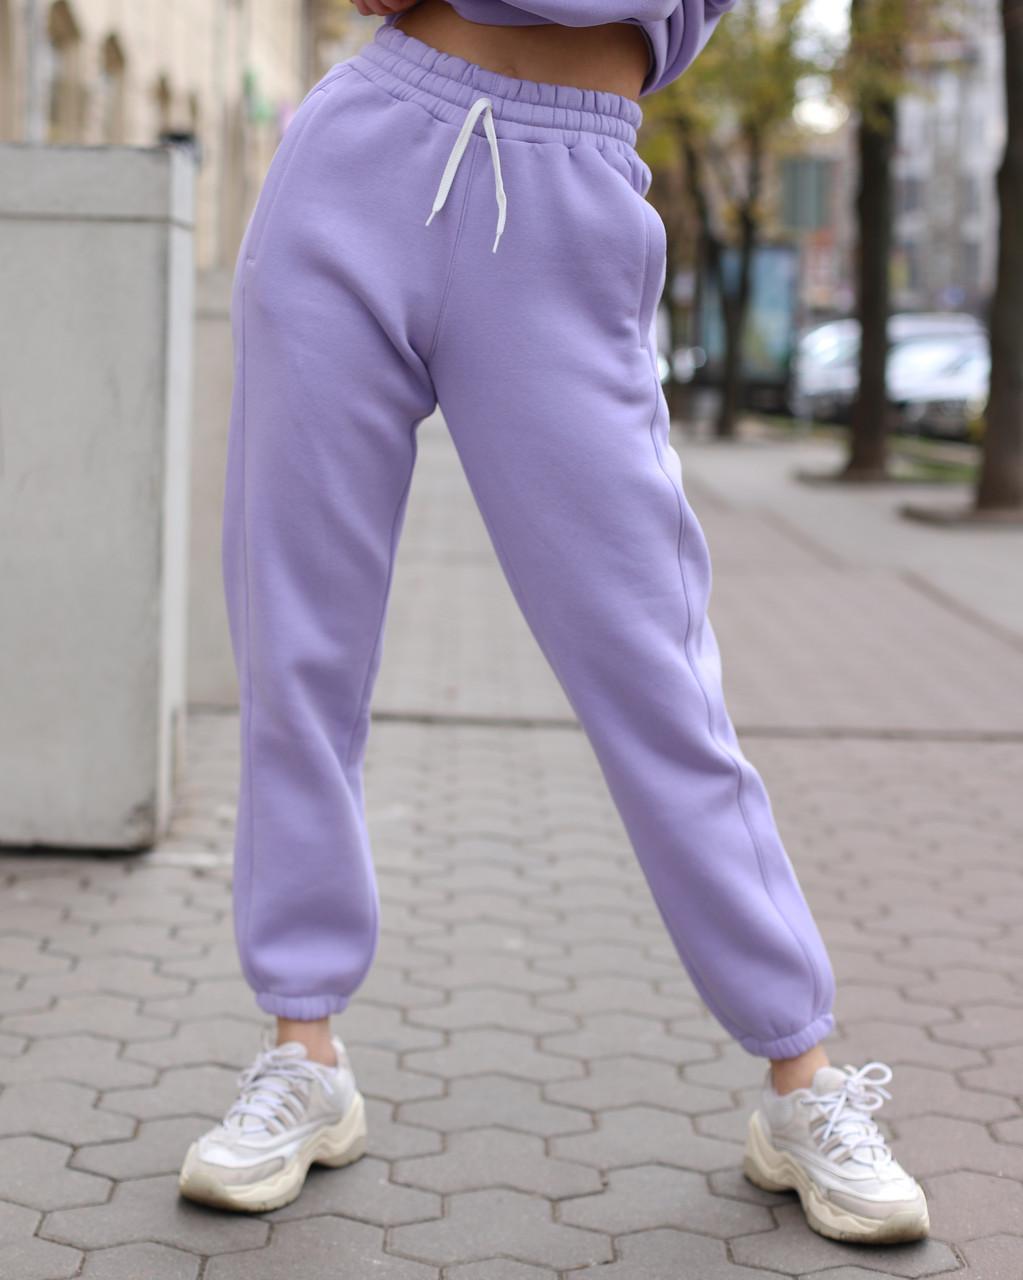 Зимнее спортивные штаны женские лиловые Эми от бренда ТУР  размер: XS, S, M L